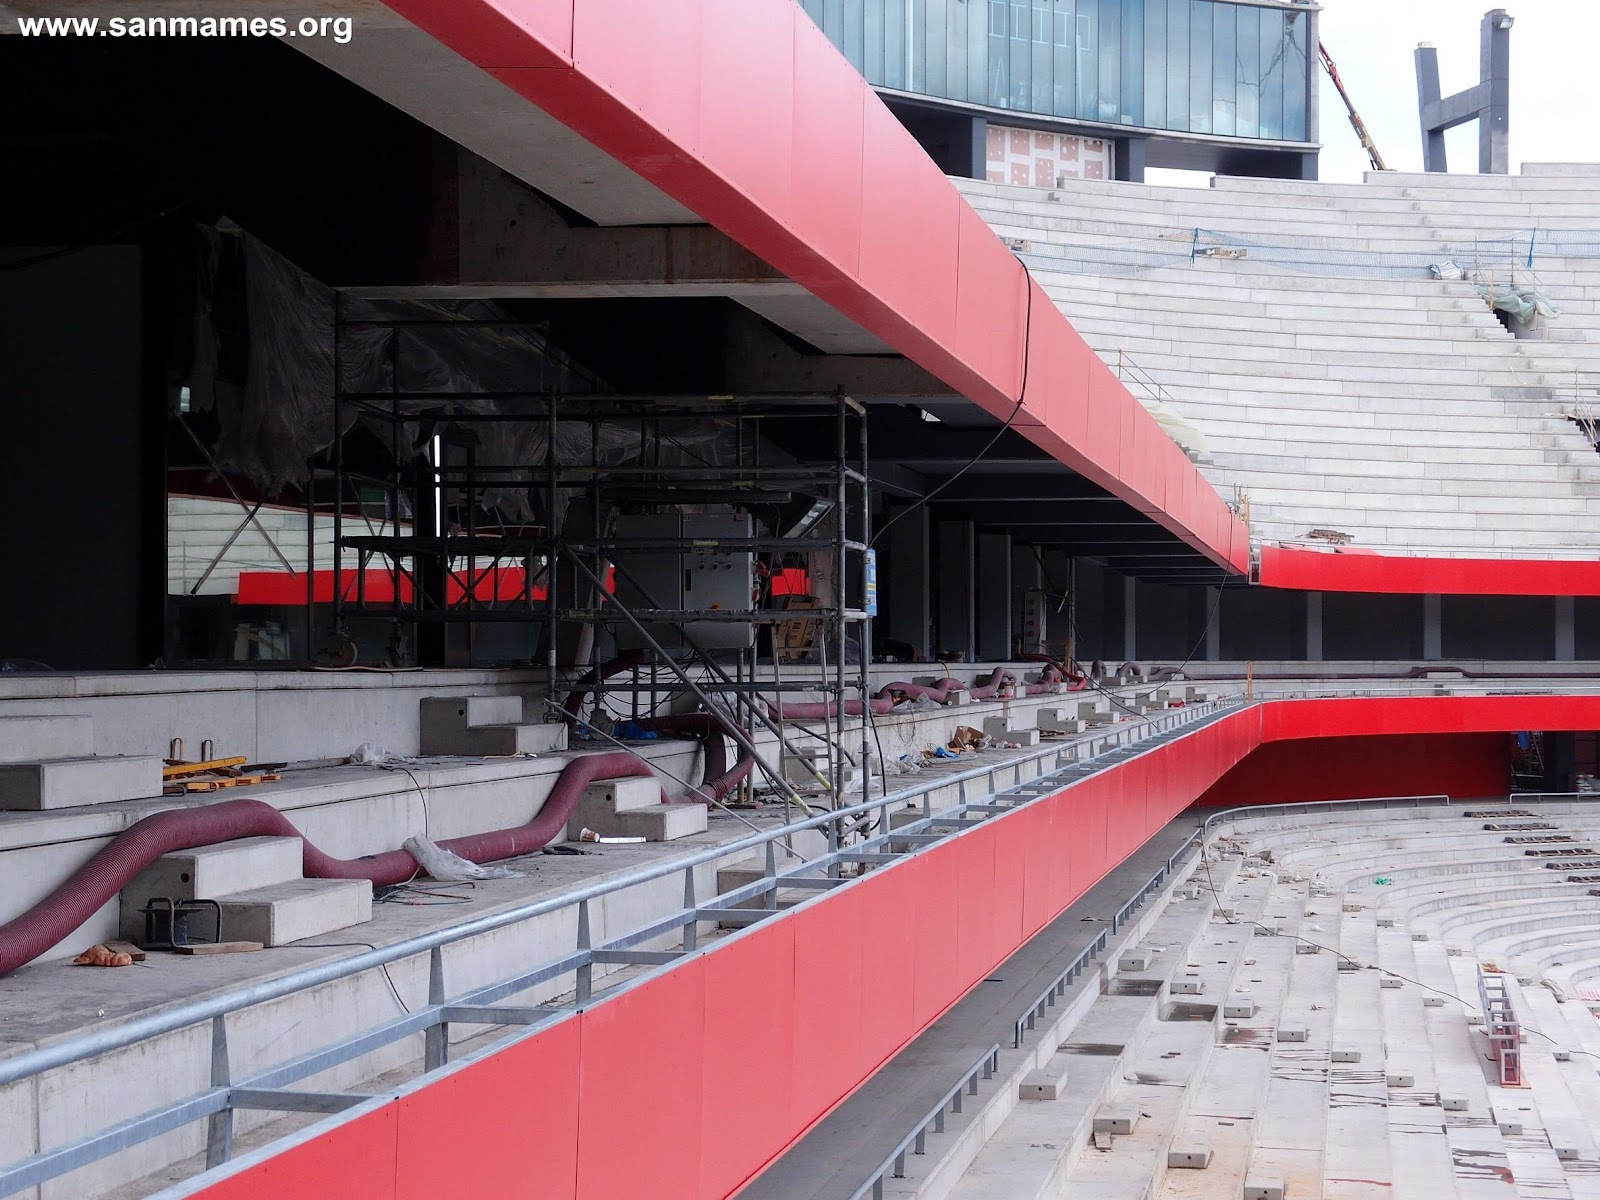 ... apreciar los puntos LEDs de la fachada que permitirán el cambio de  color y ambientación del estadio según juegue el Athletic Club y marquen  goles. f0c62120fcb65